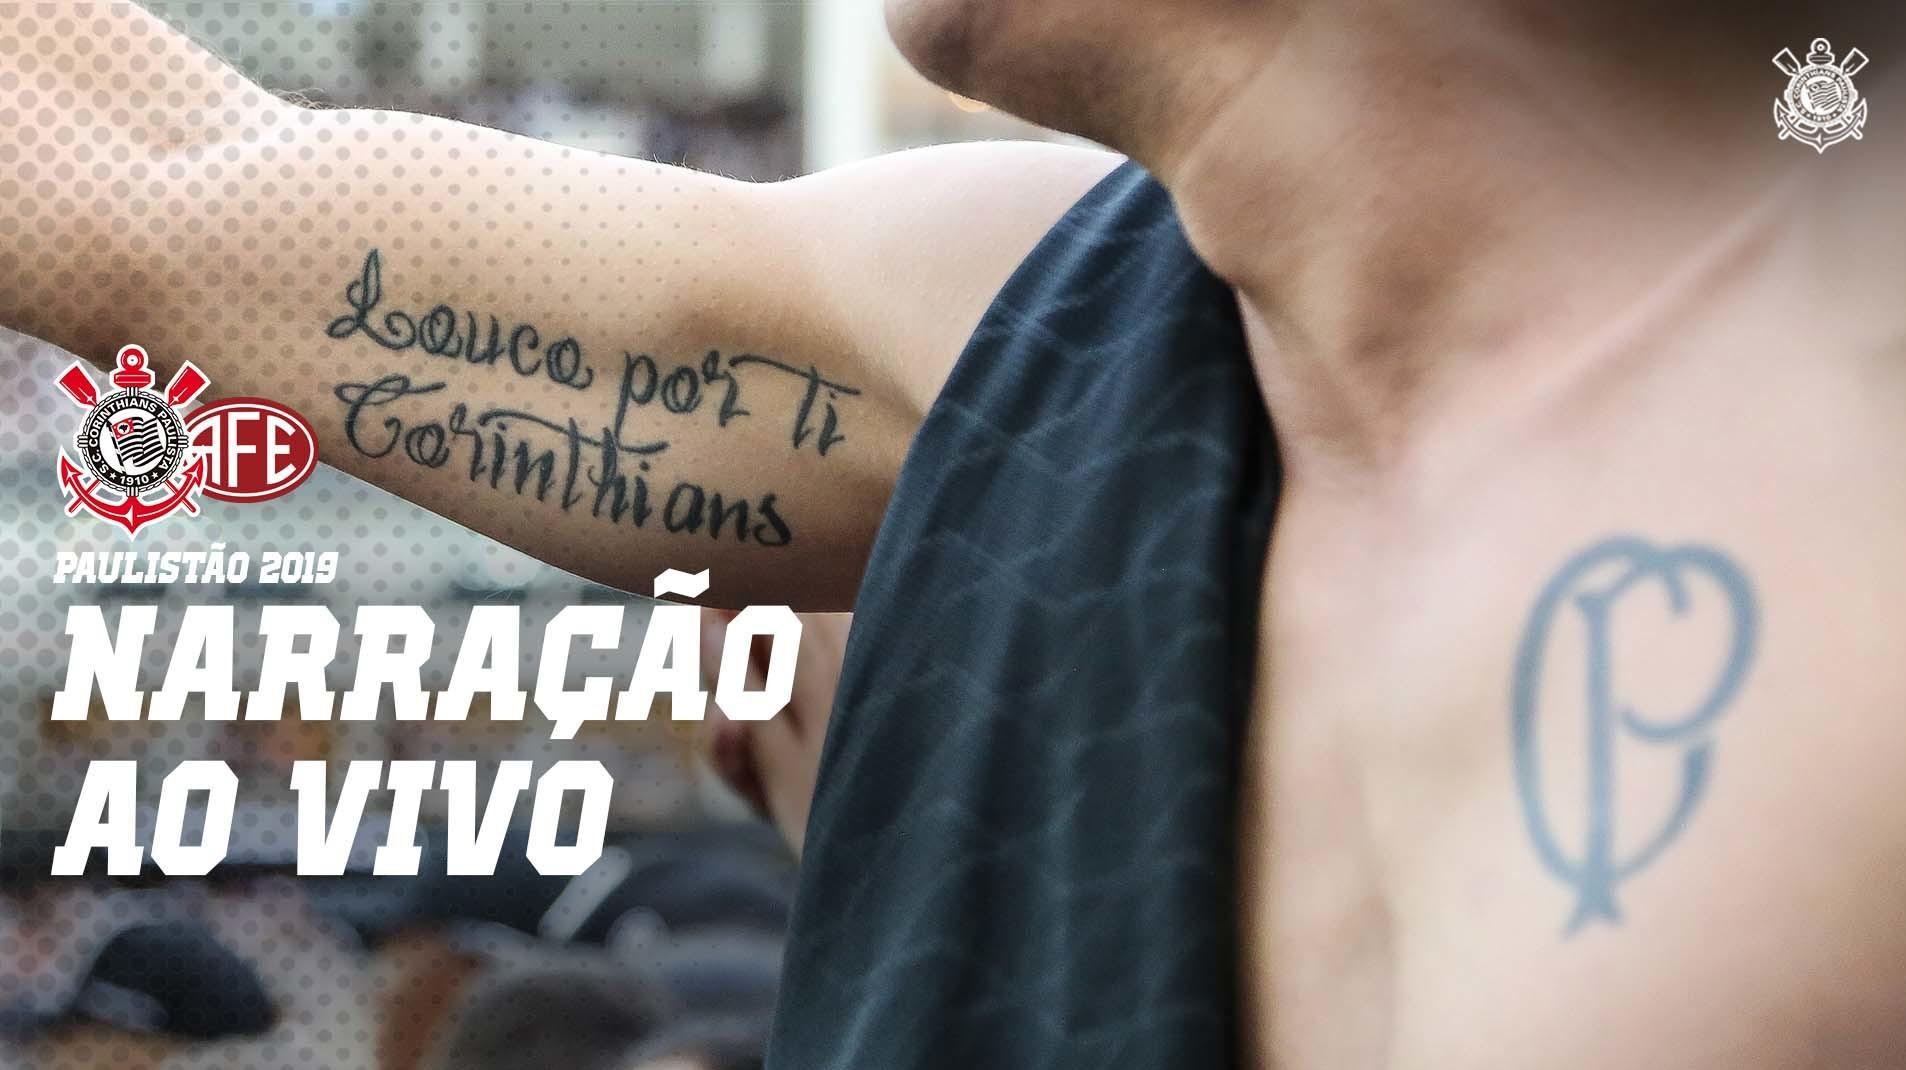 Narração ao vivo - Corinthians vs Ferroviária